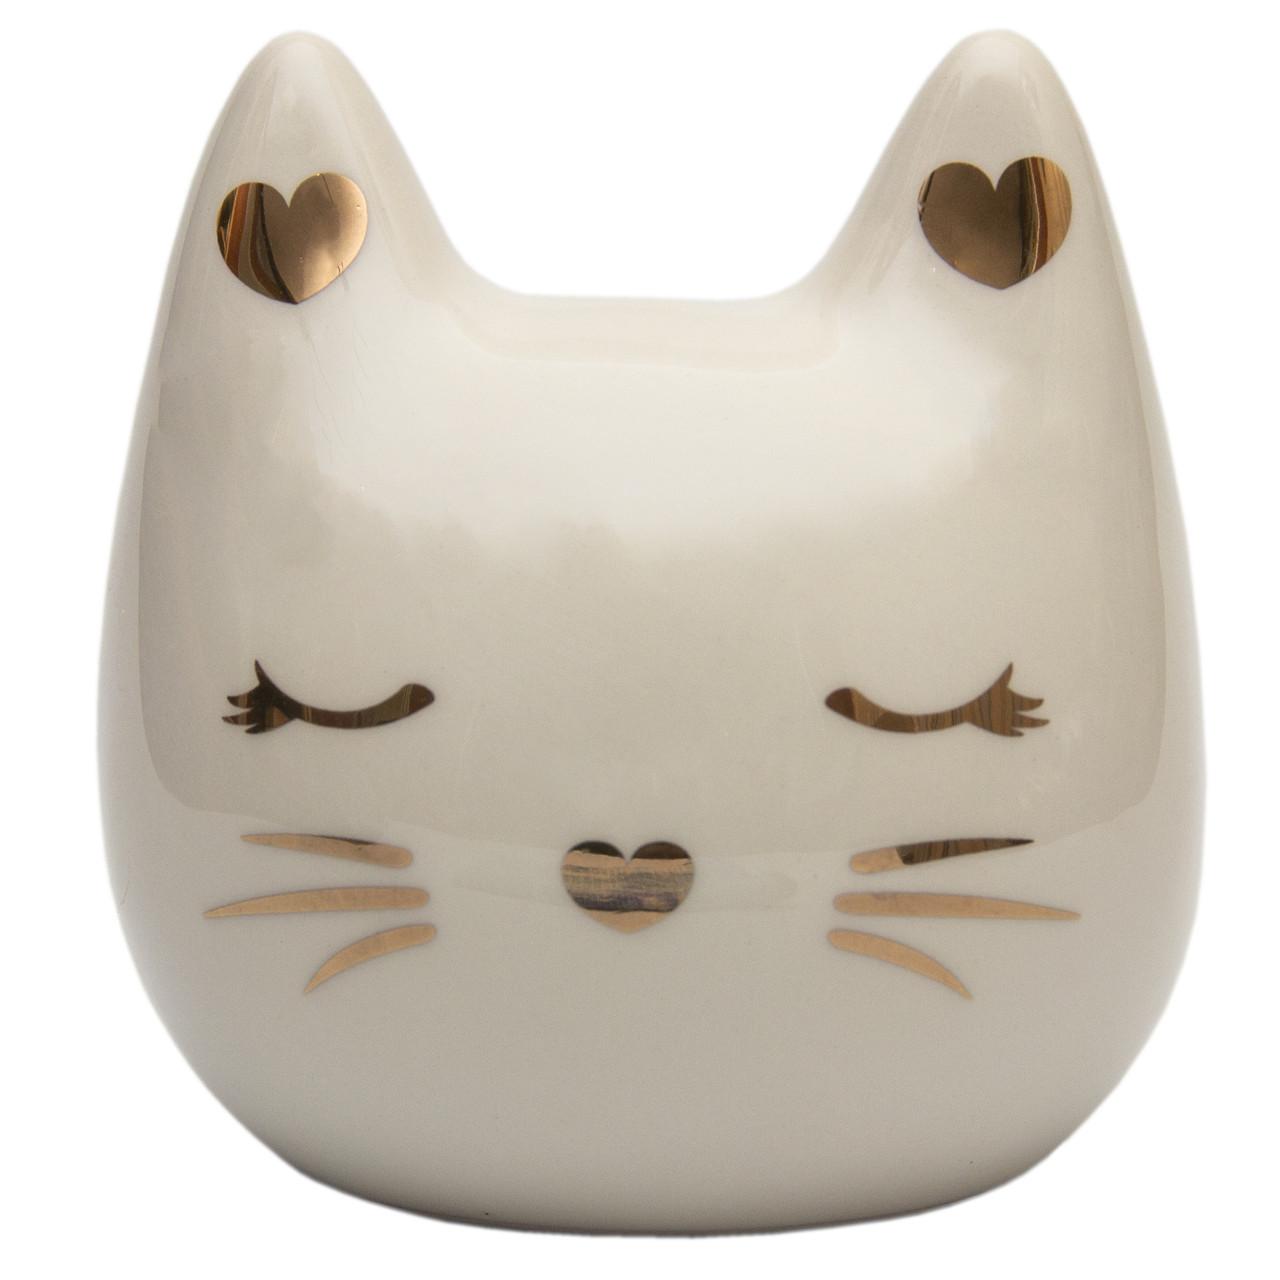 Декоративная фигурка - копилка кот, 12*11,2*8 см, белый, полистоун (240975)